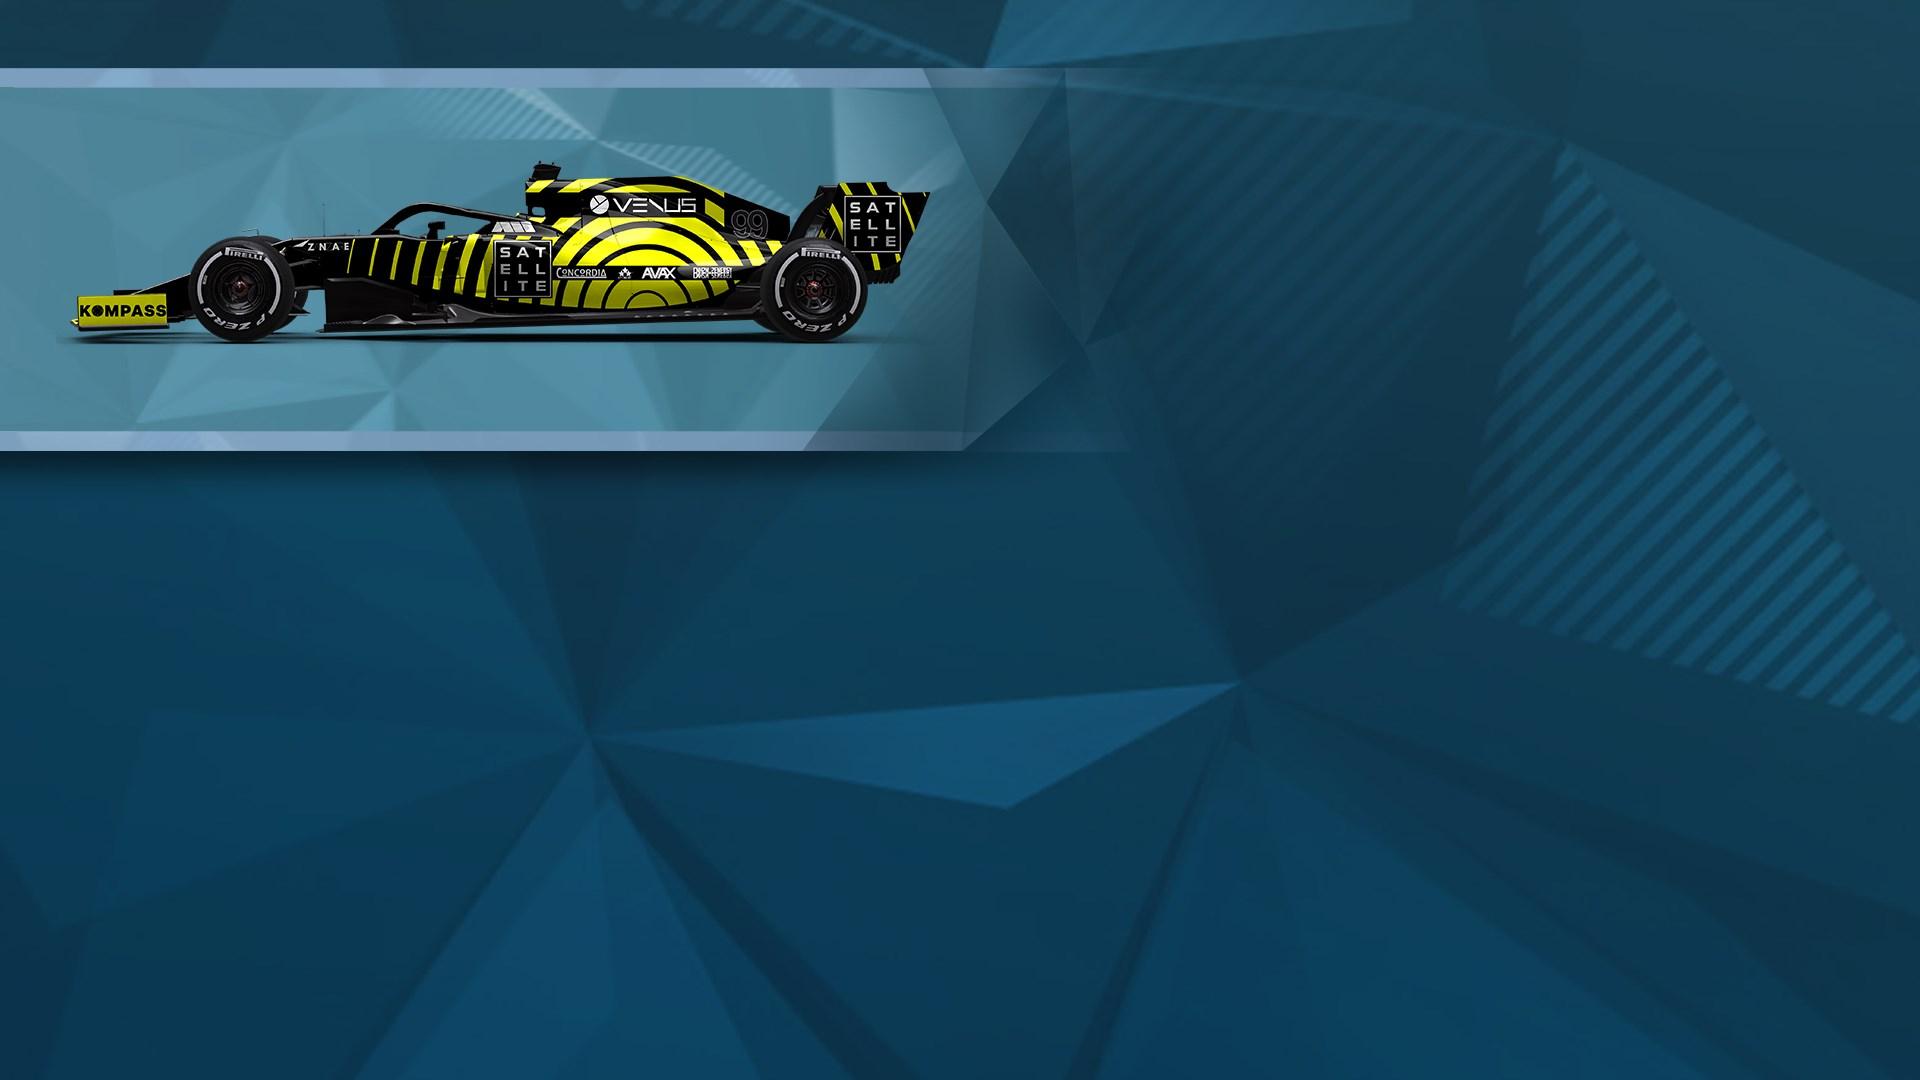 F1® 2019 WS: Car Livery 'VENUS - Ping'